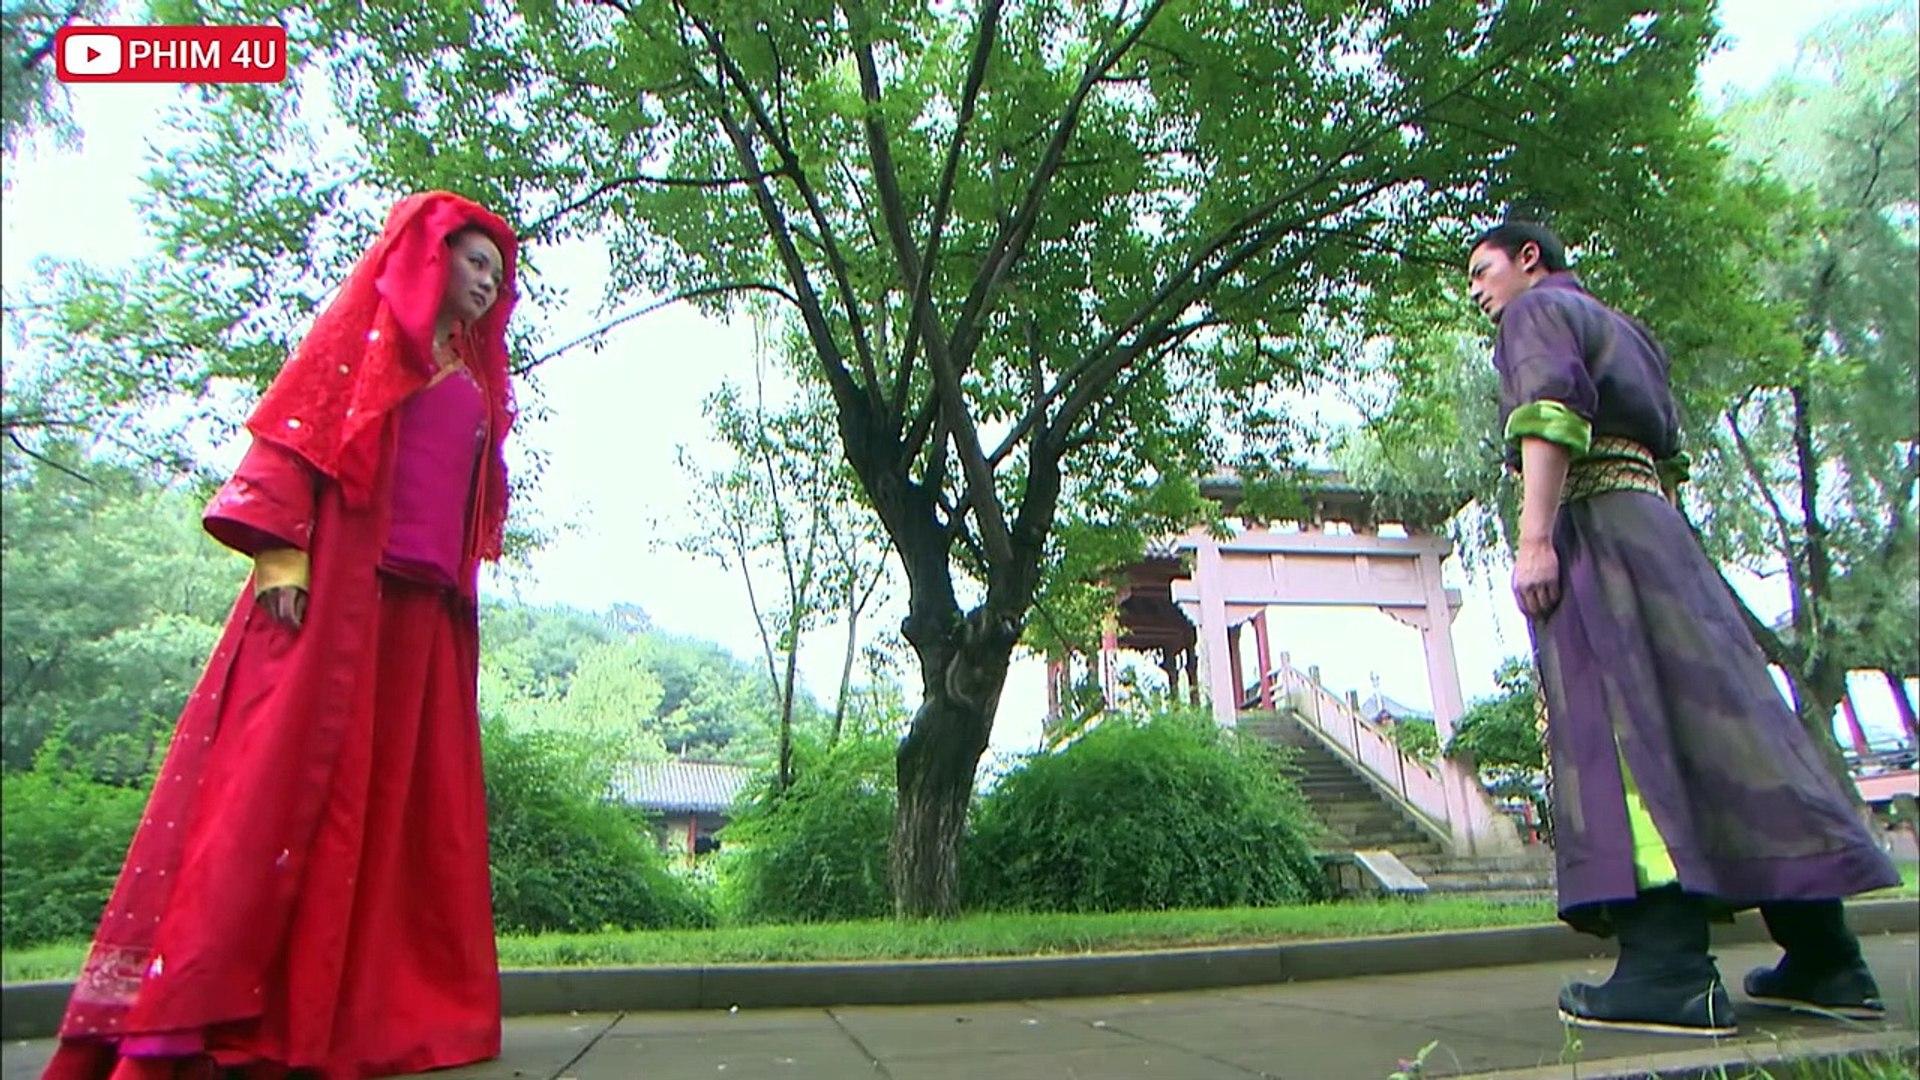 Phim Mới Hay Nhất 2019   QUÁI HIỆP NHẤT CHI MAI - Tập 10   Phim Bộ Trung Quốc Hay Nhất 2019